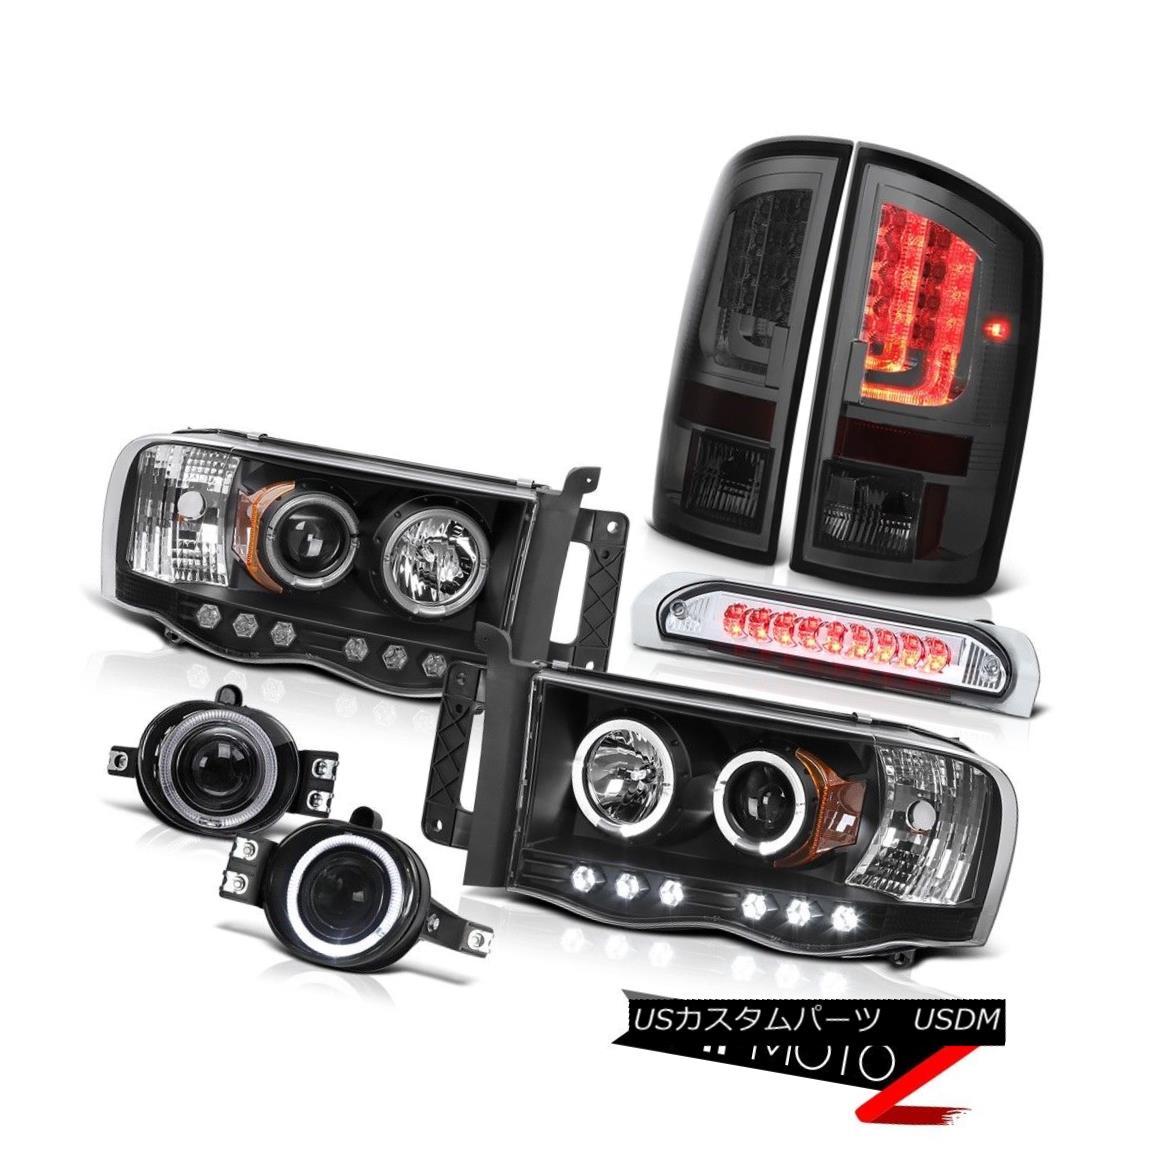 テールライト 2002-2005 Dodge Ram 1500 5.7L Tail Lights Headlights Foglamps Roof Cargo Lamp 2002-2005 Dodge Ram 1500 5.7Lテールライトヘッドライトフォグランプ屋根カーゴランプ